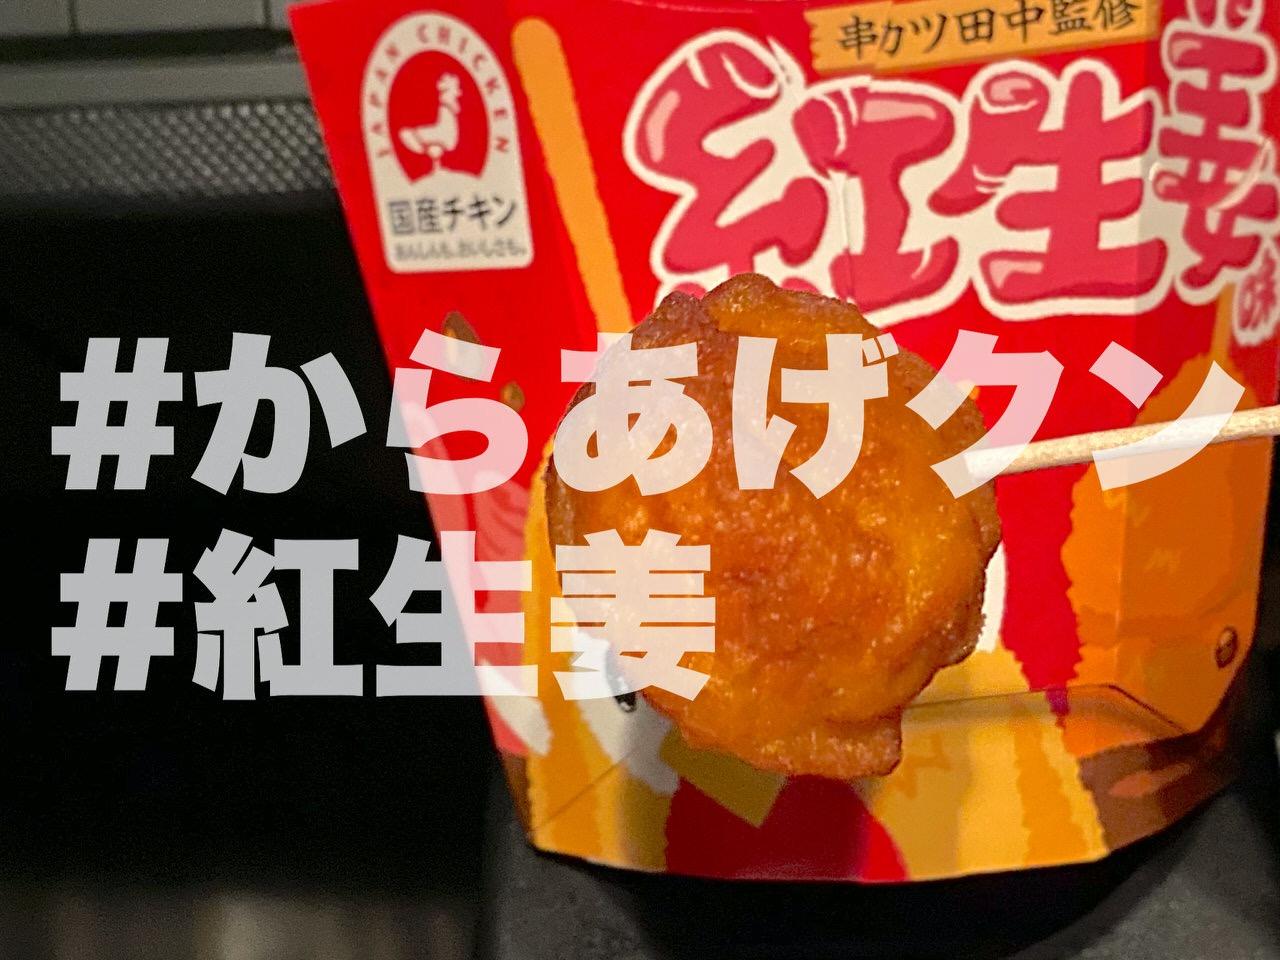 「からあげクン紅生姜味」唐揚げと紅生姜はとても合う気がするな!美味い!